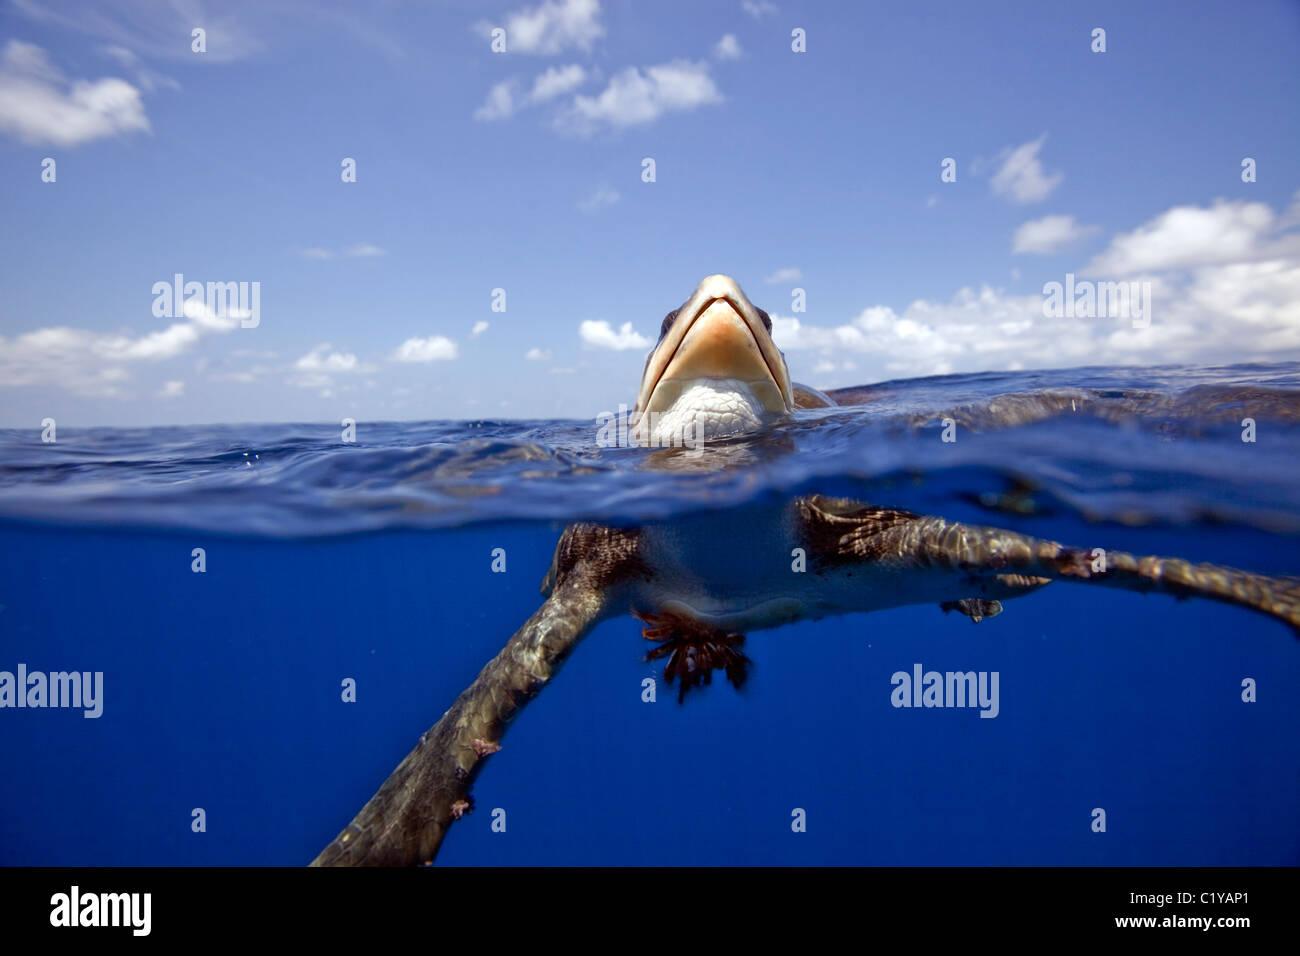 Un gruppo acqua vista di un raro Ridley Sea Turtle al Cocos Island al largo della Costa Rica. Immagini Stock